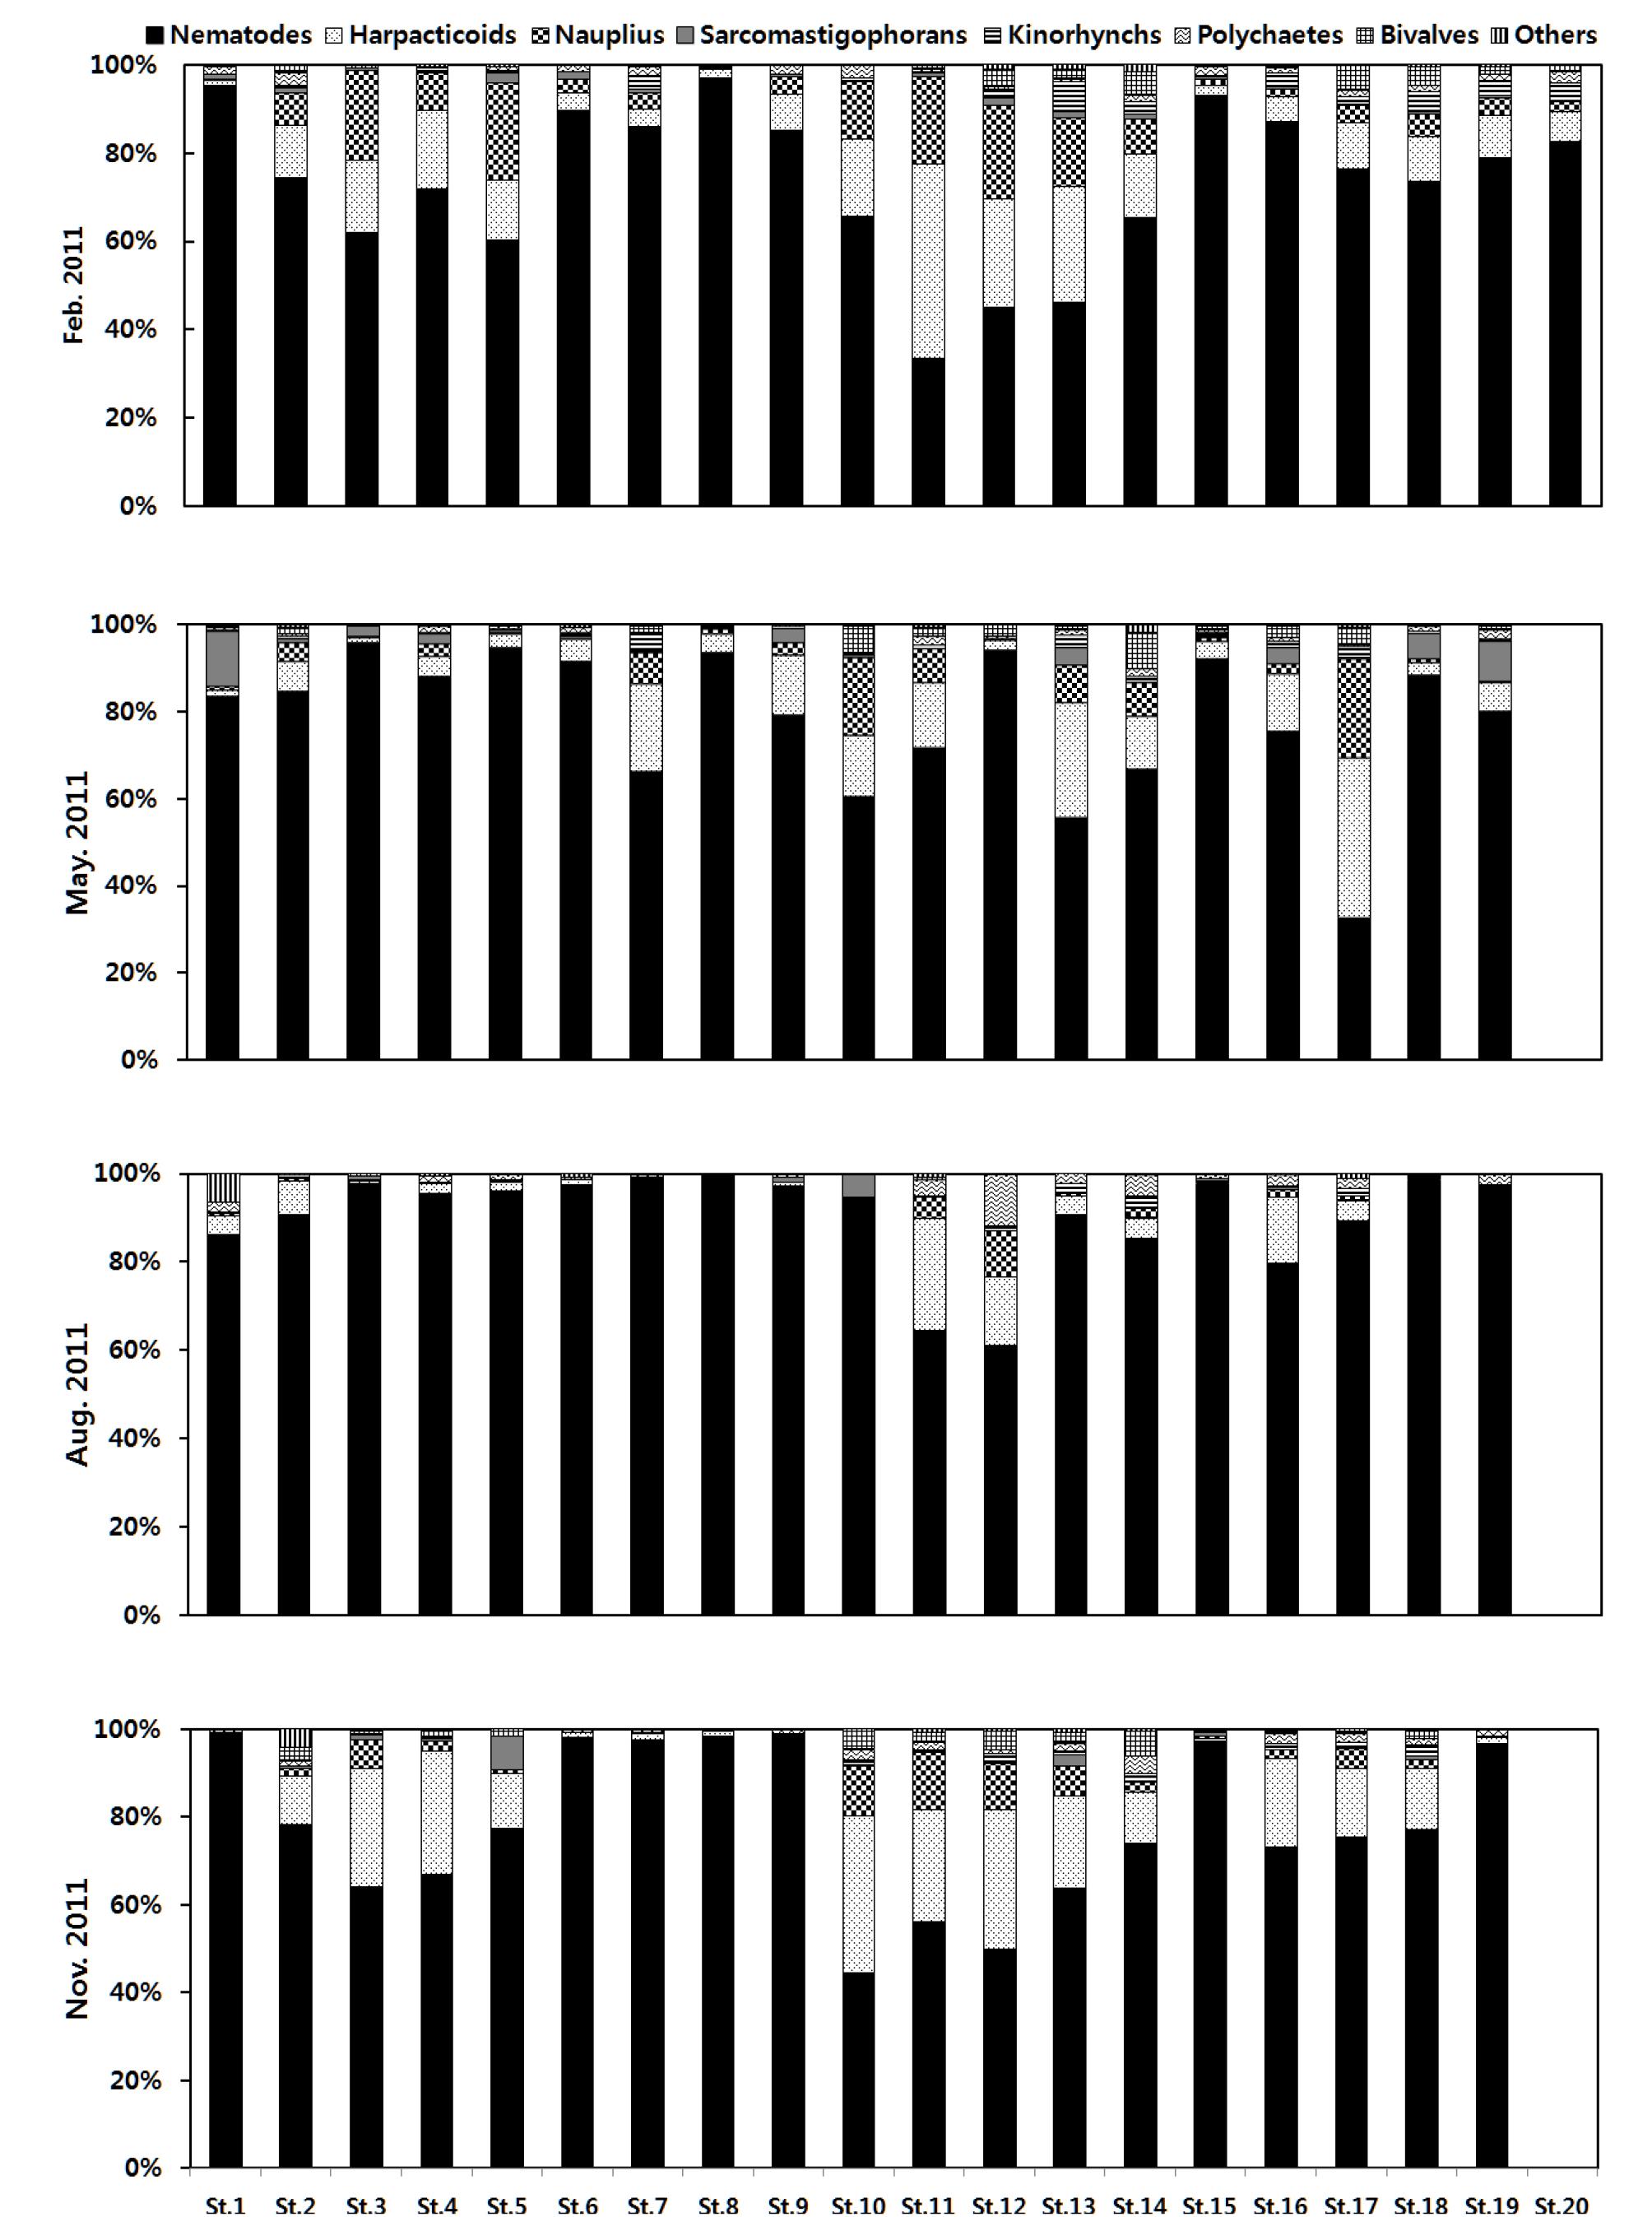 http://static.apub.kr/journalsite/sites/kso/2019-024-03/N0230240303/images/figure_KSO_24_03_03_F4.jpg